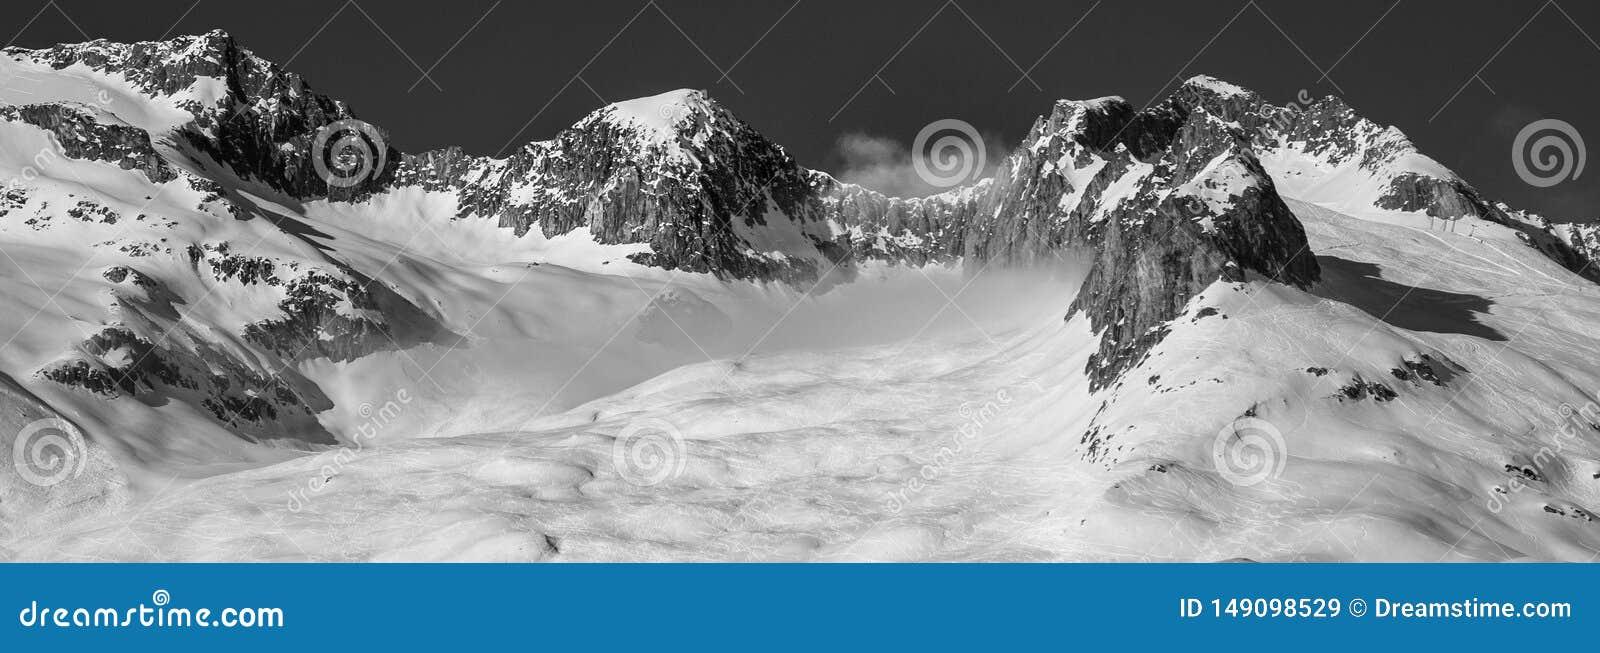 Alpi in bianco e nero